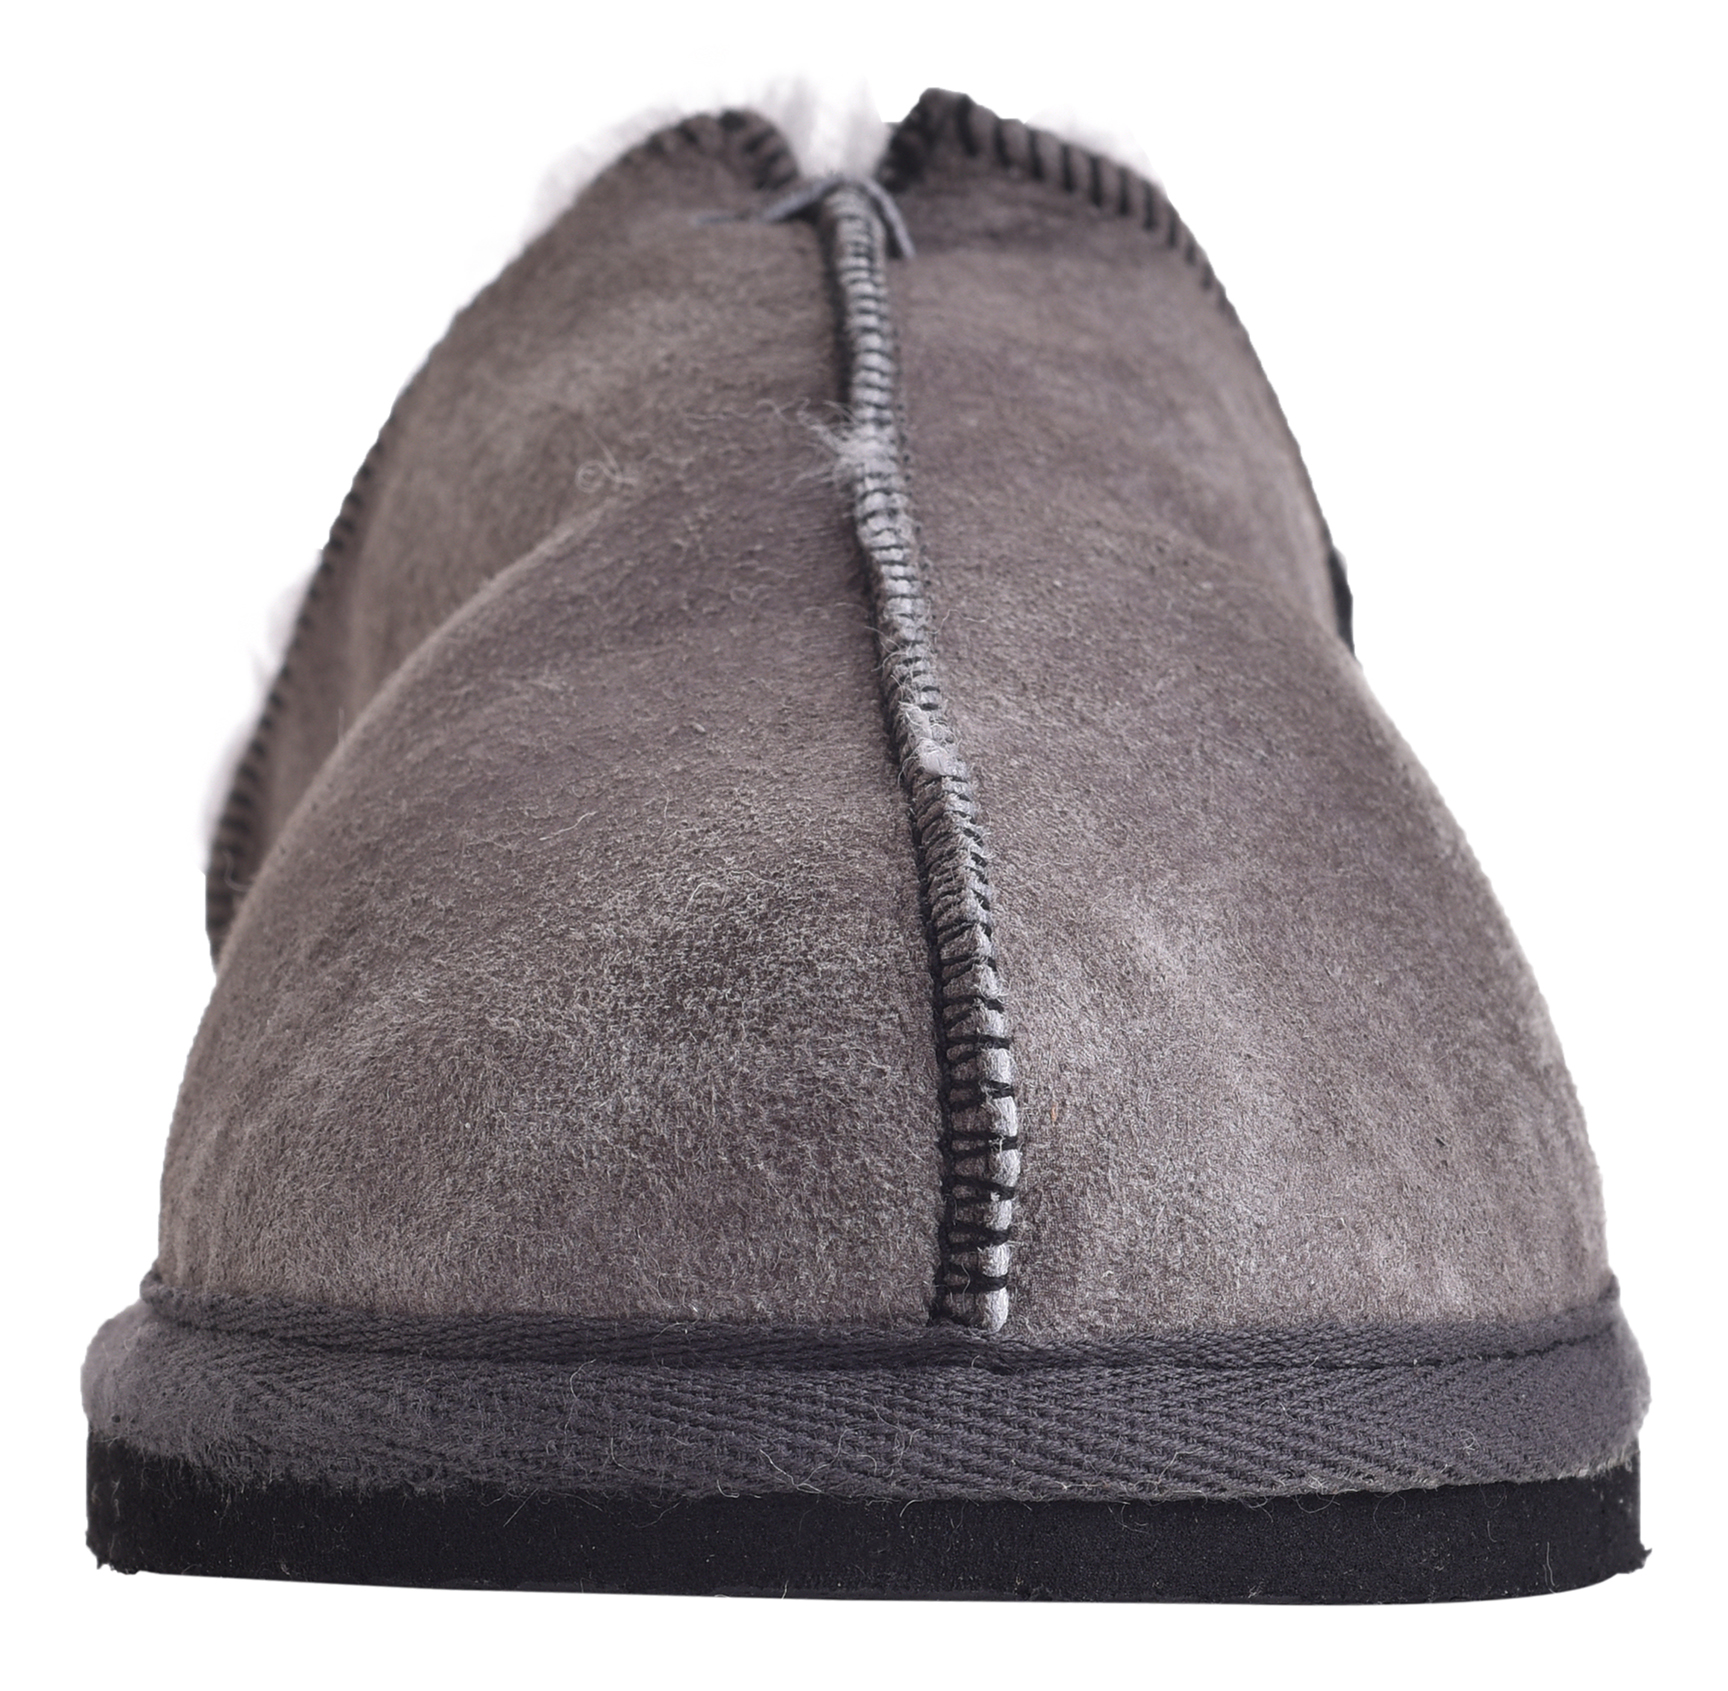 Damen Super Weich Luxus Echtes Lammfell Pantoffeln Harte UK6 Sohle UK5 UK6 Harte UK7 Grau d5da2c